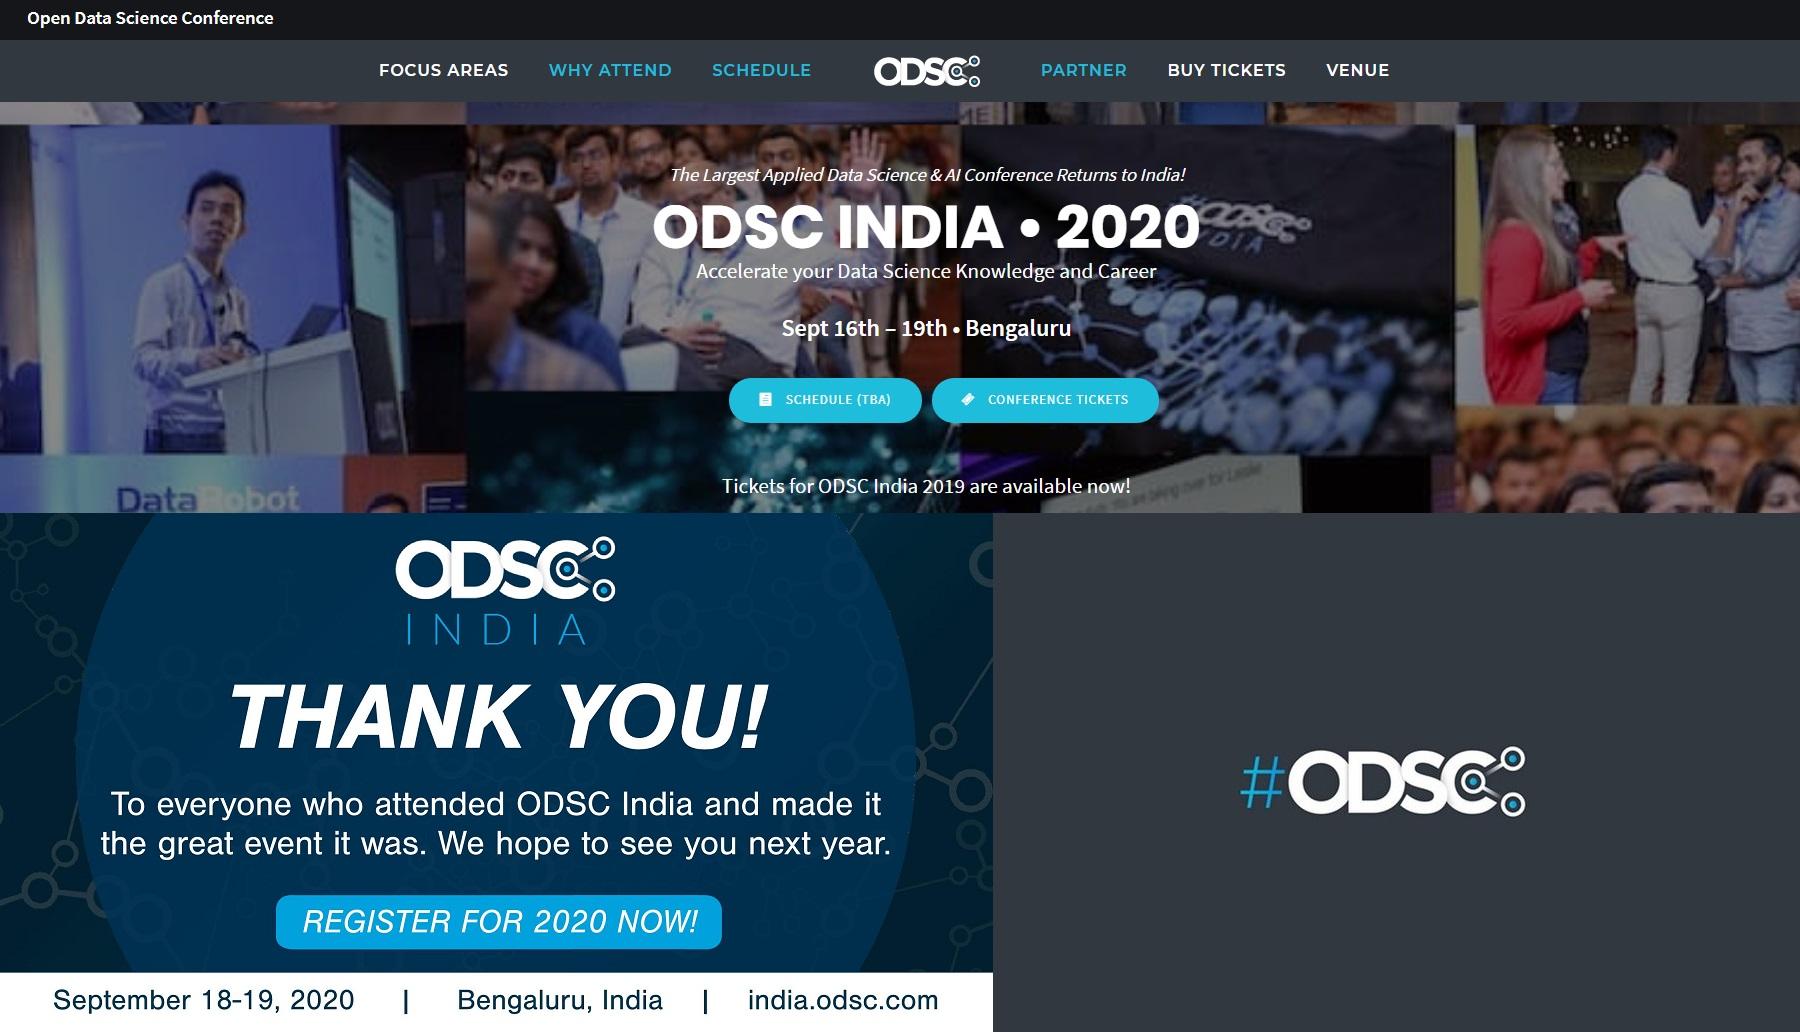 ODSC INDIA 2020